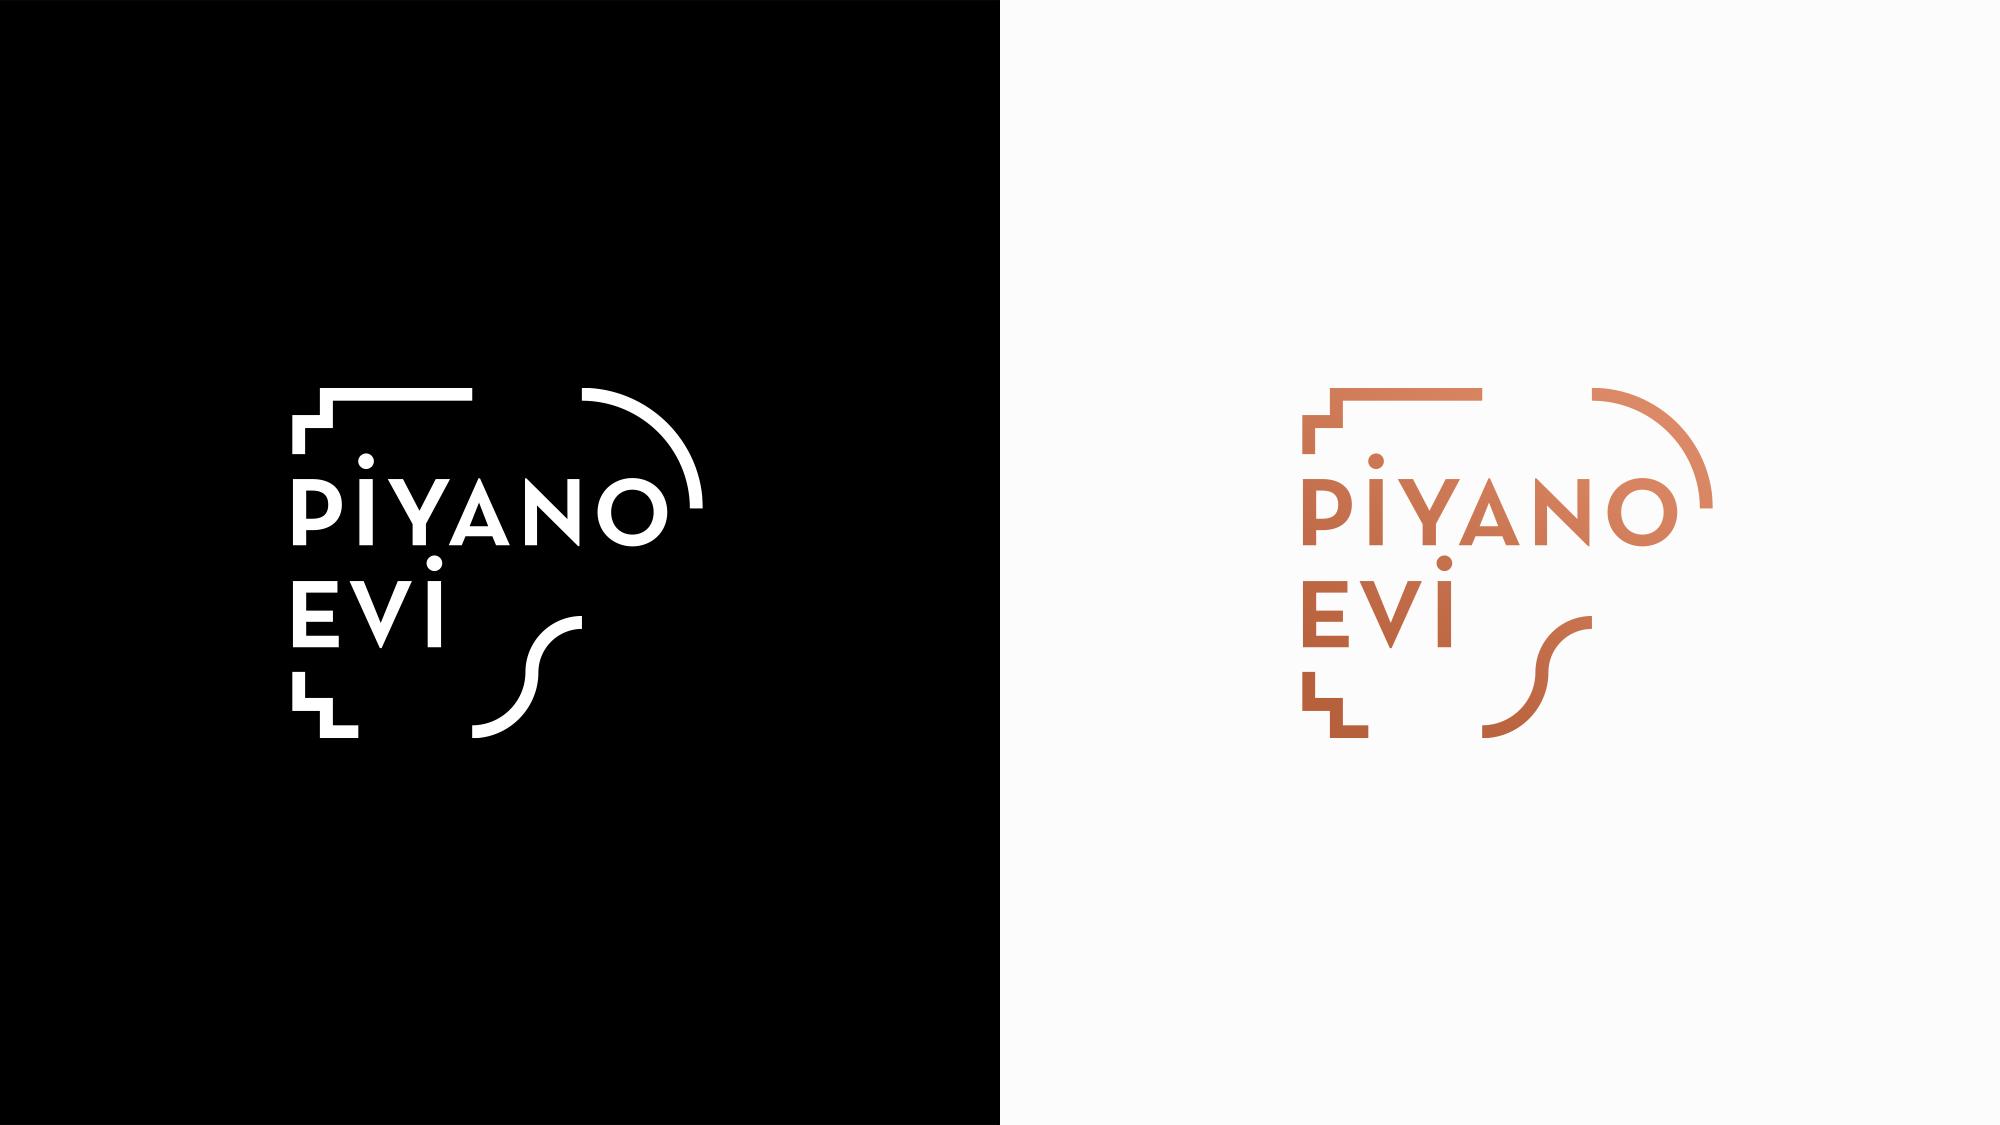 Piyano_04